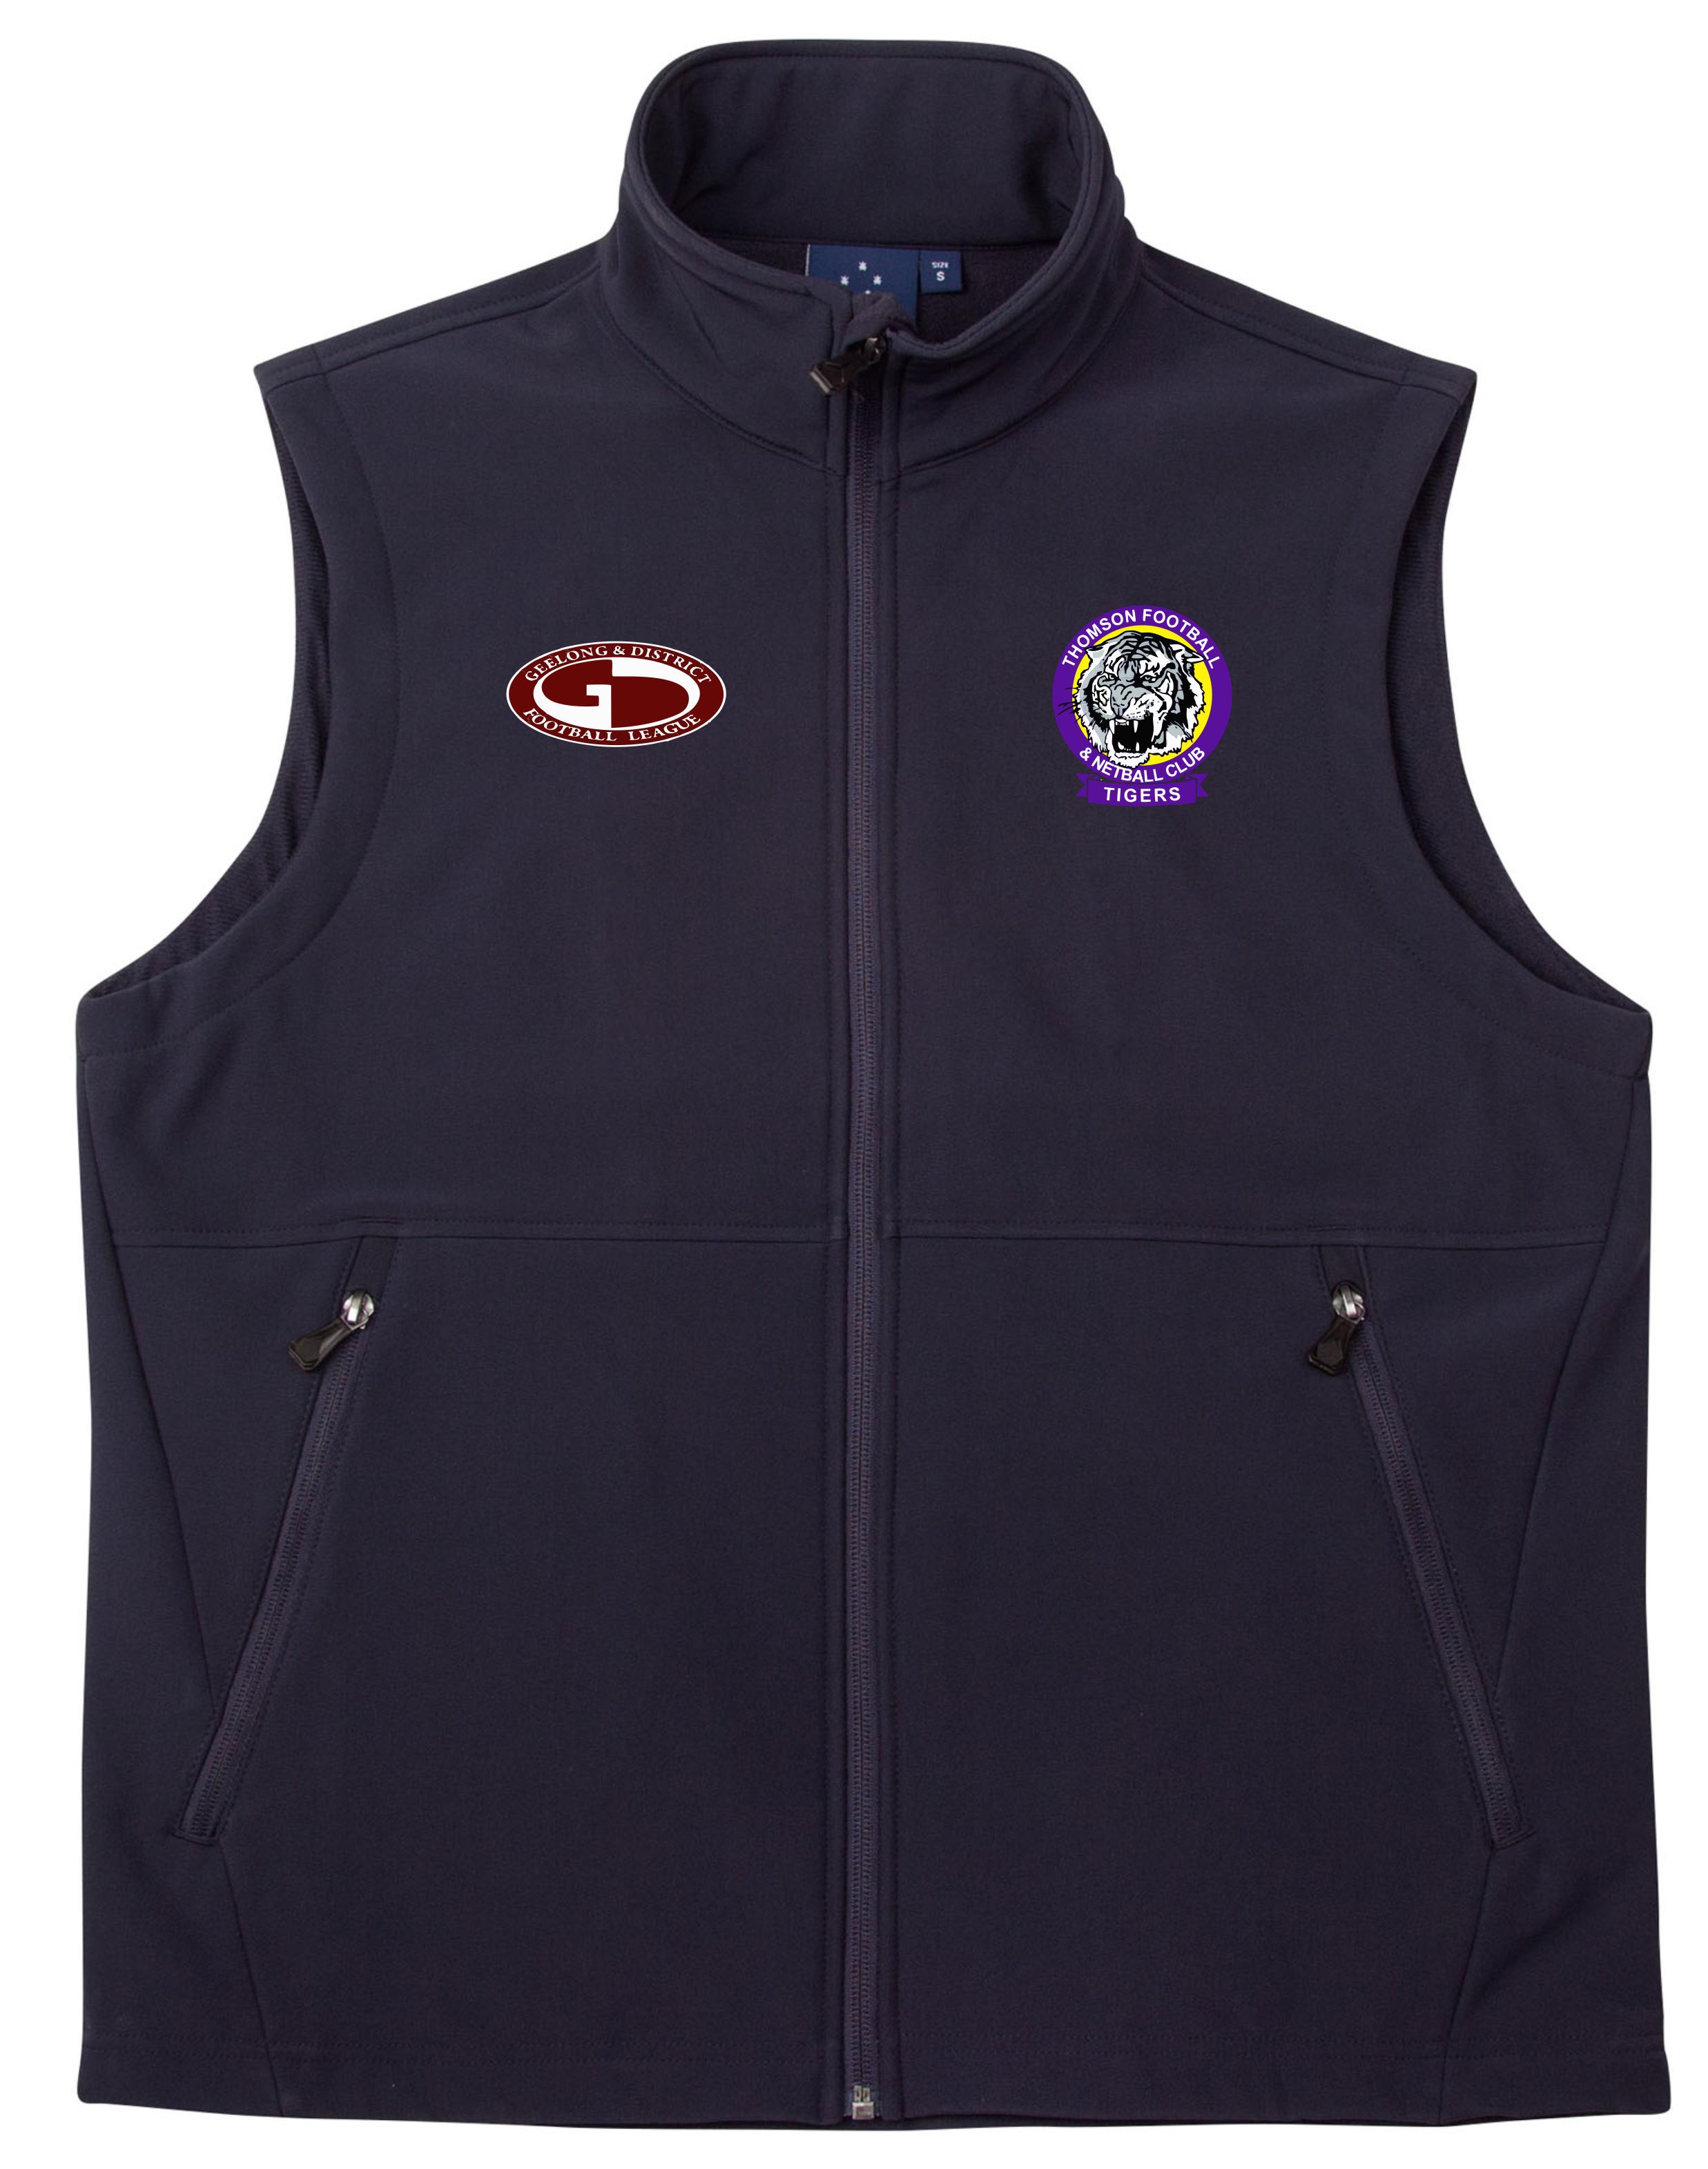 Men's Soft Shell Vest